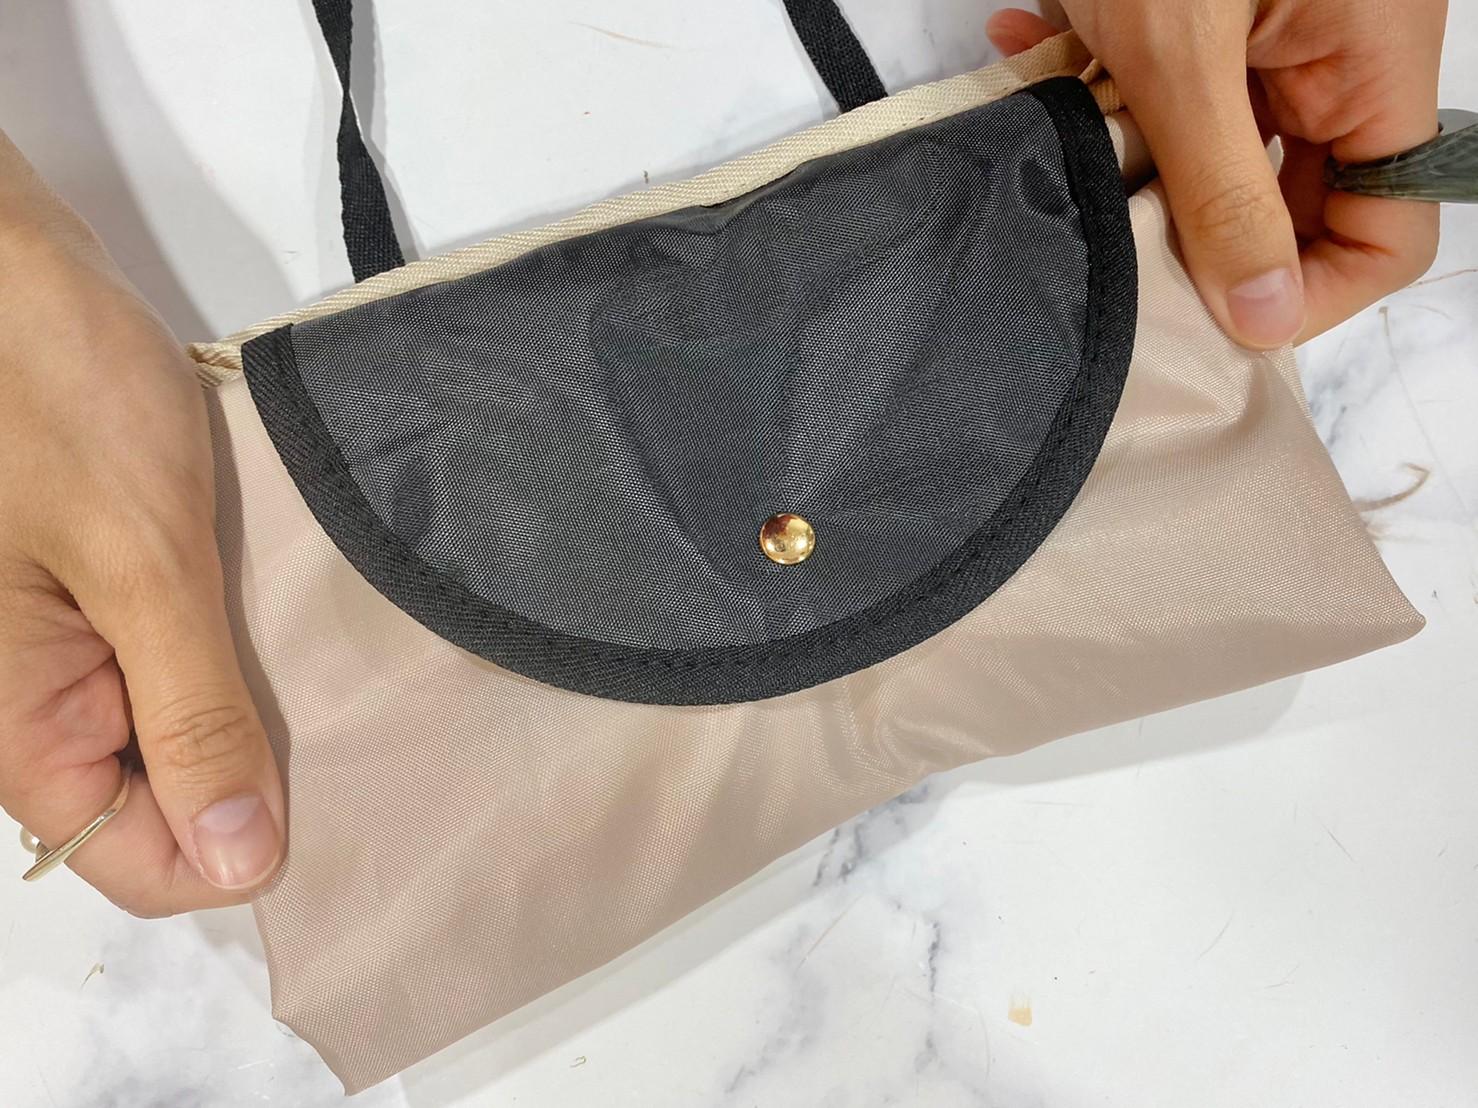 変身お買い物バッグをポシェットにした画像